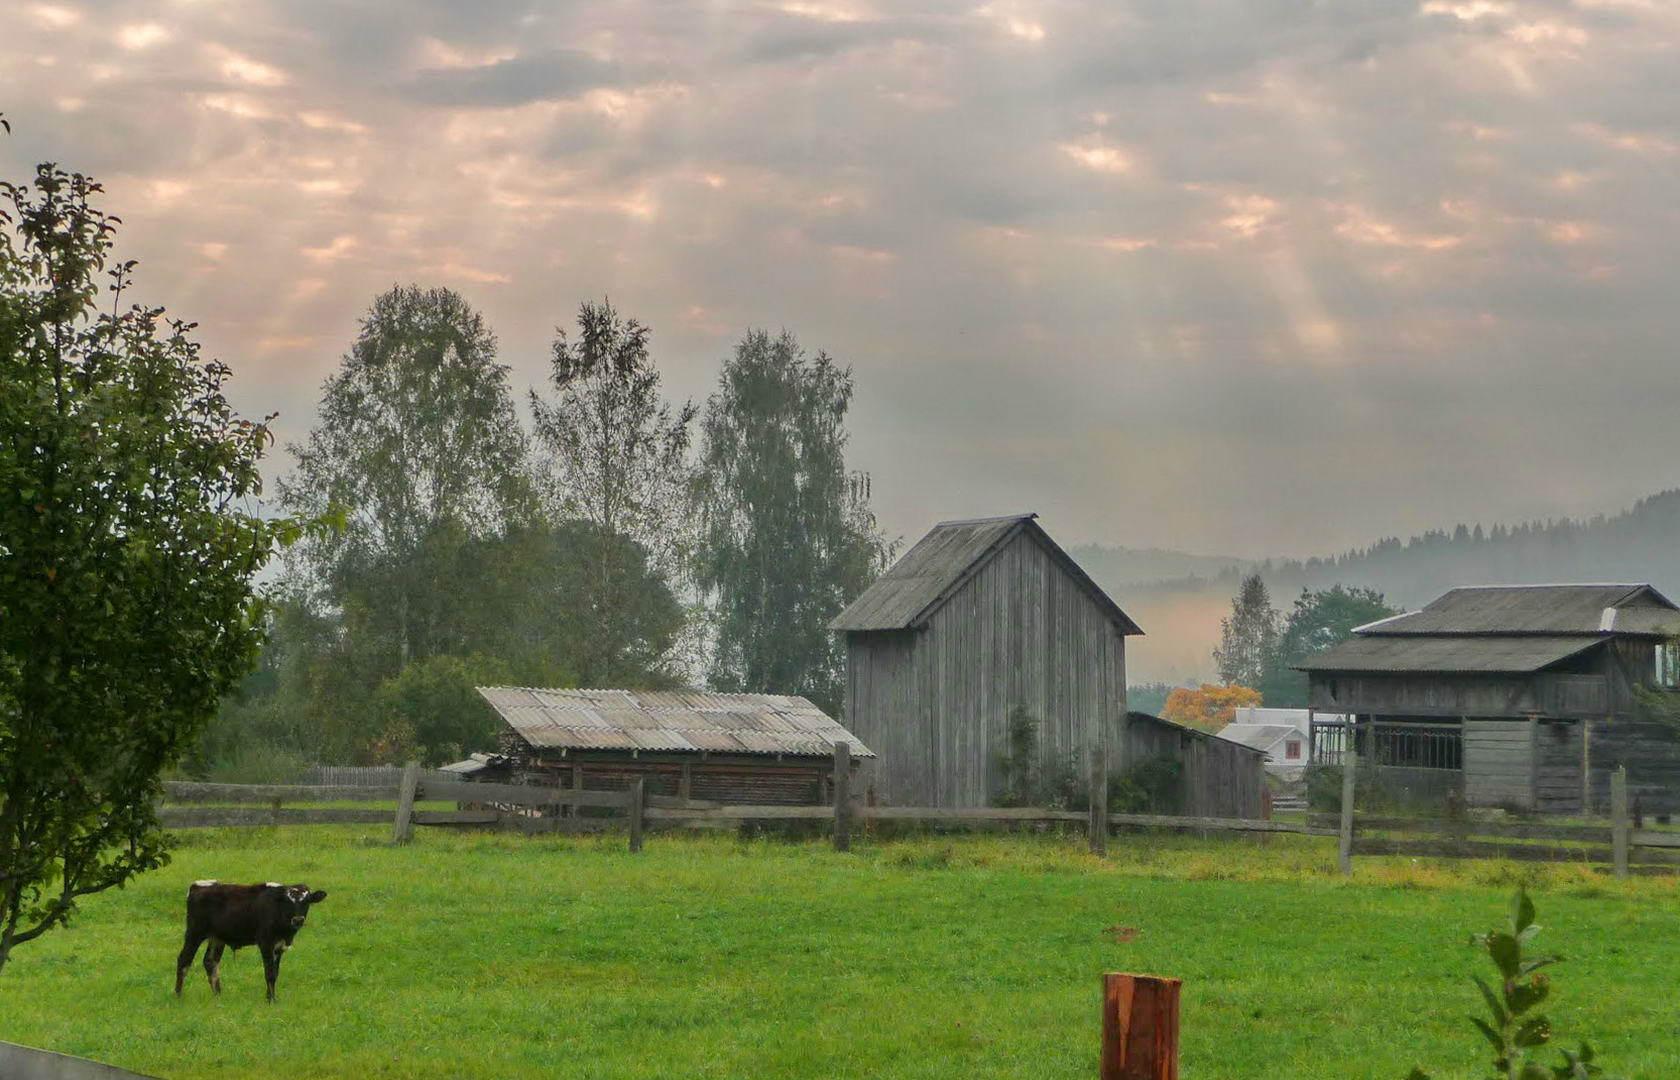 Ільці - карпатське гірське село